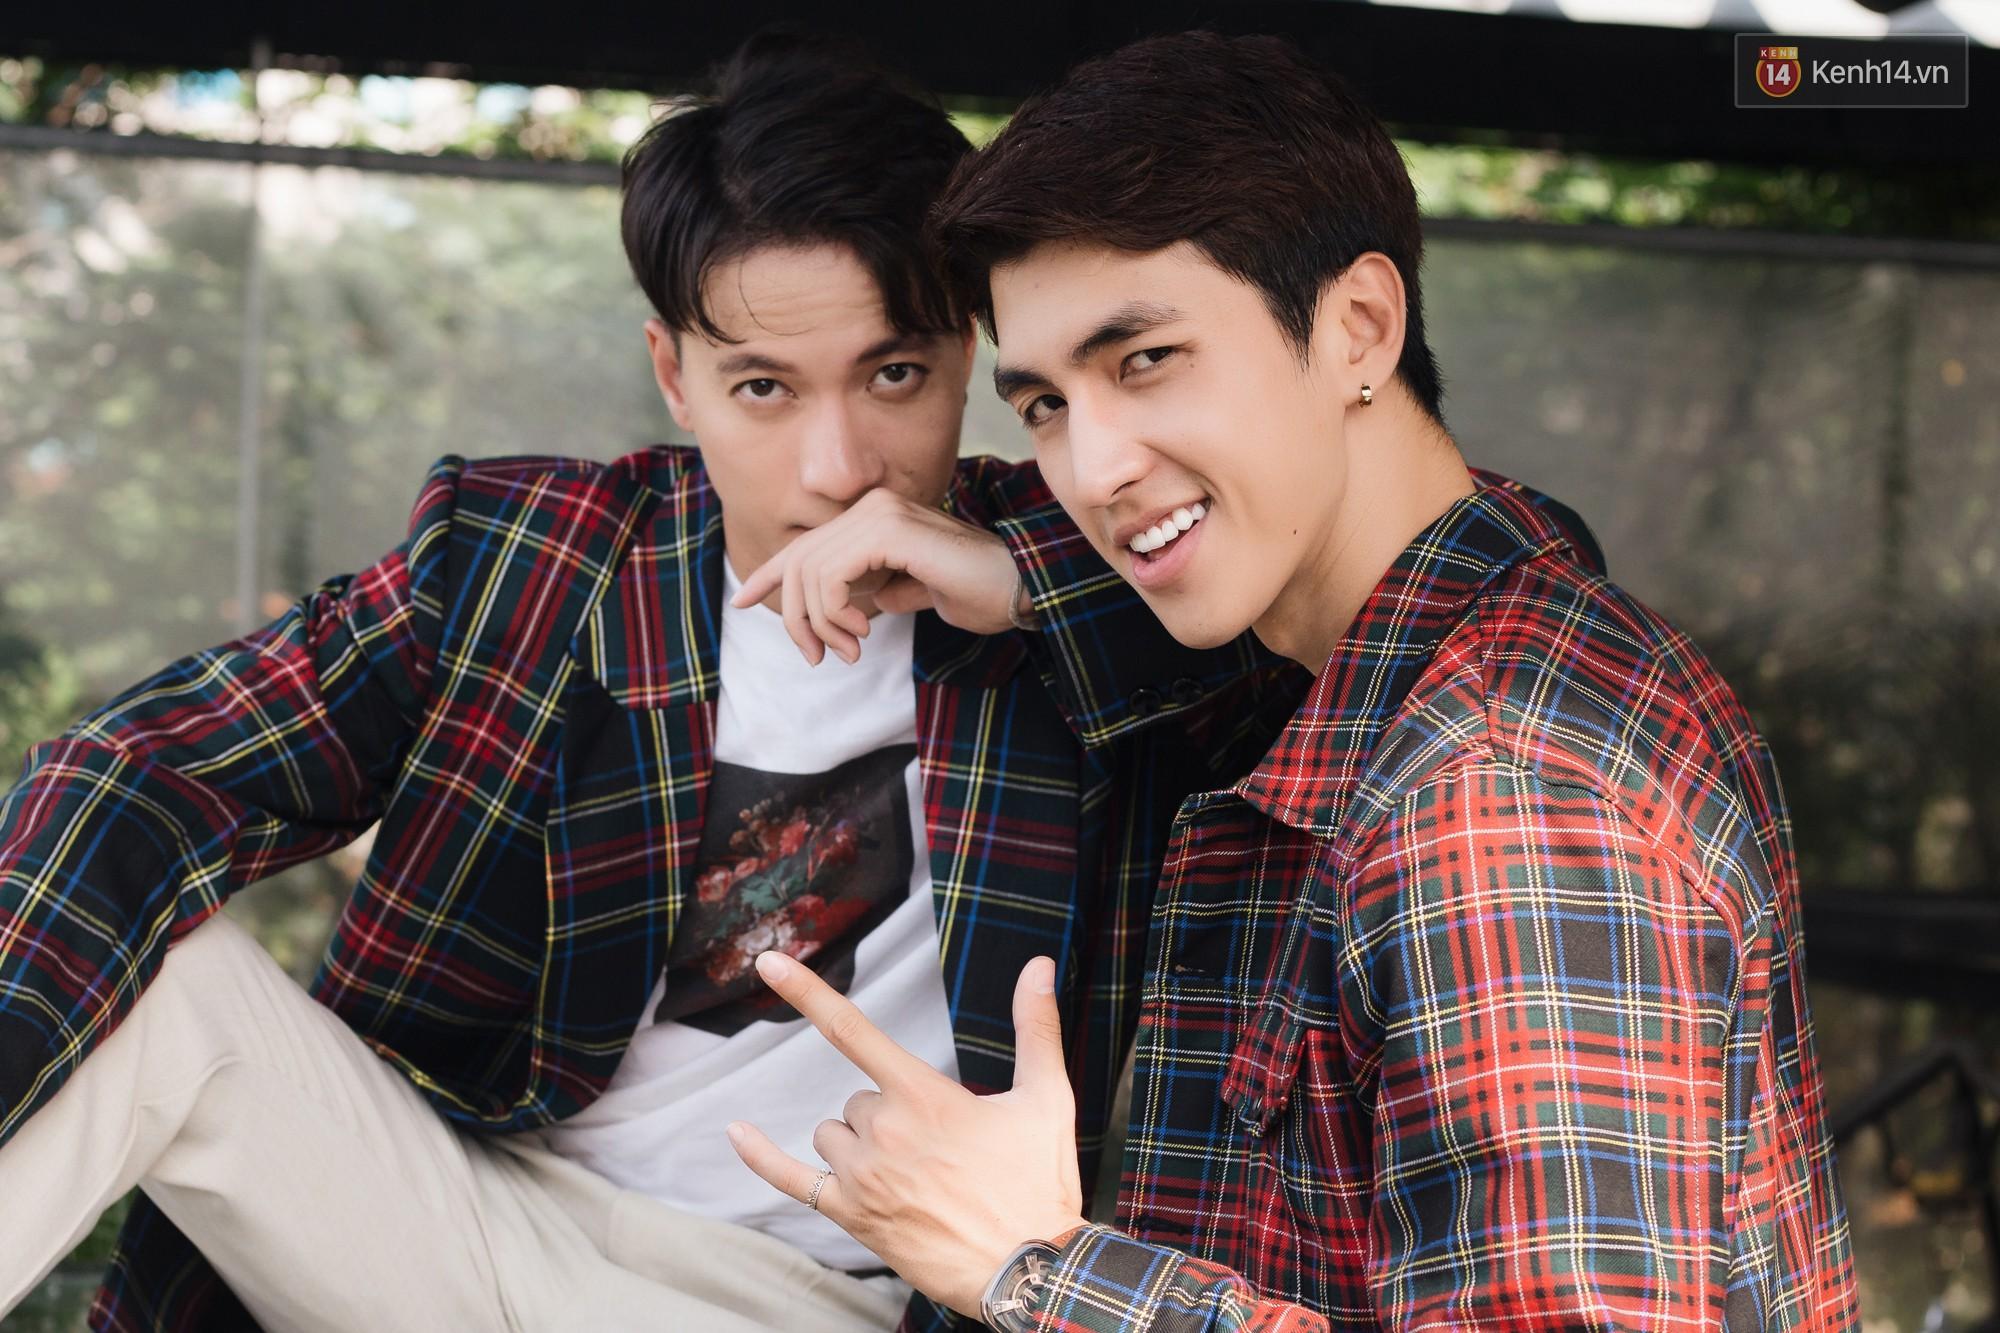 Team Nâu Cuộc đua kỳ thú 2019: Bình An và S.T Sơn Thạch tiết lộ không bao giờ ngồi ăn cơm cùng nhau - Ảnh 3.